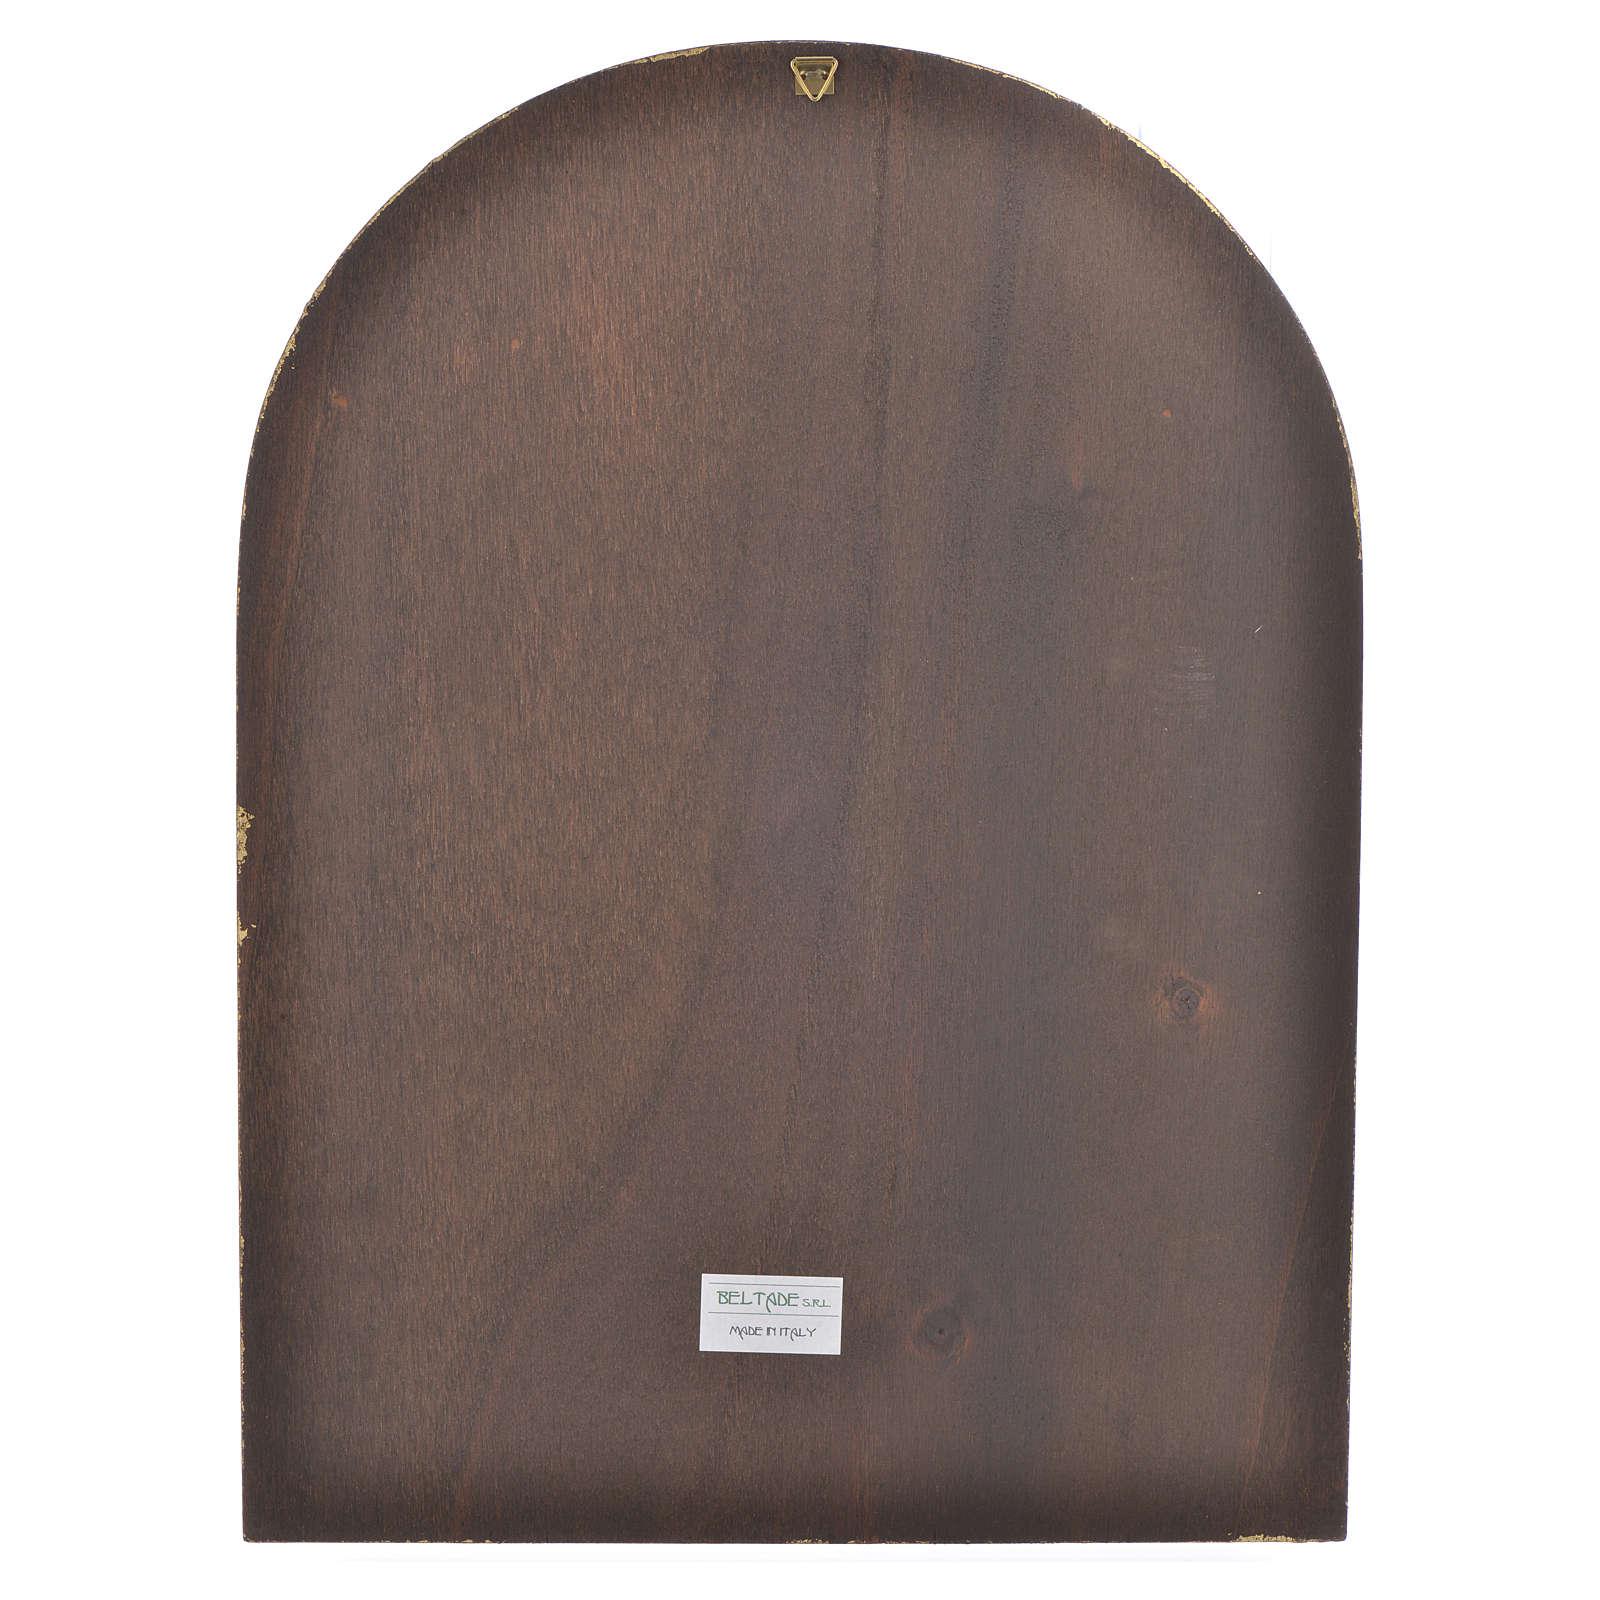 Druck Barmherzigkeit auf Holz, 40x30cm 3